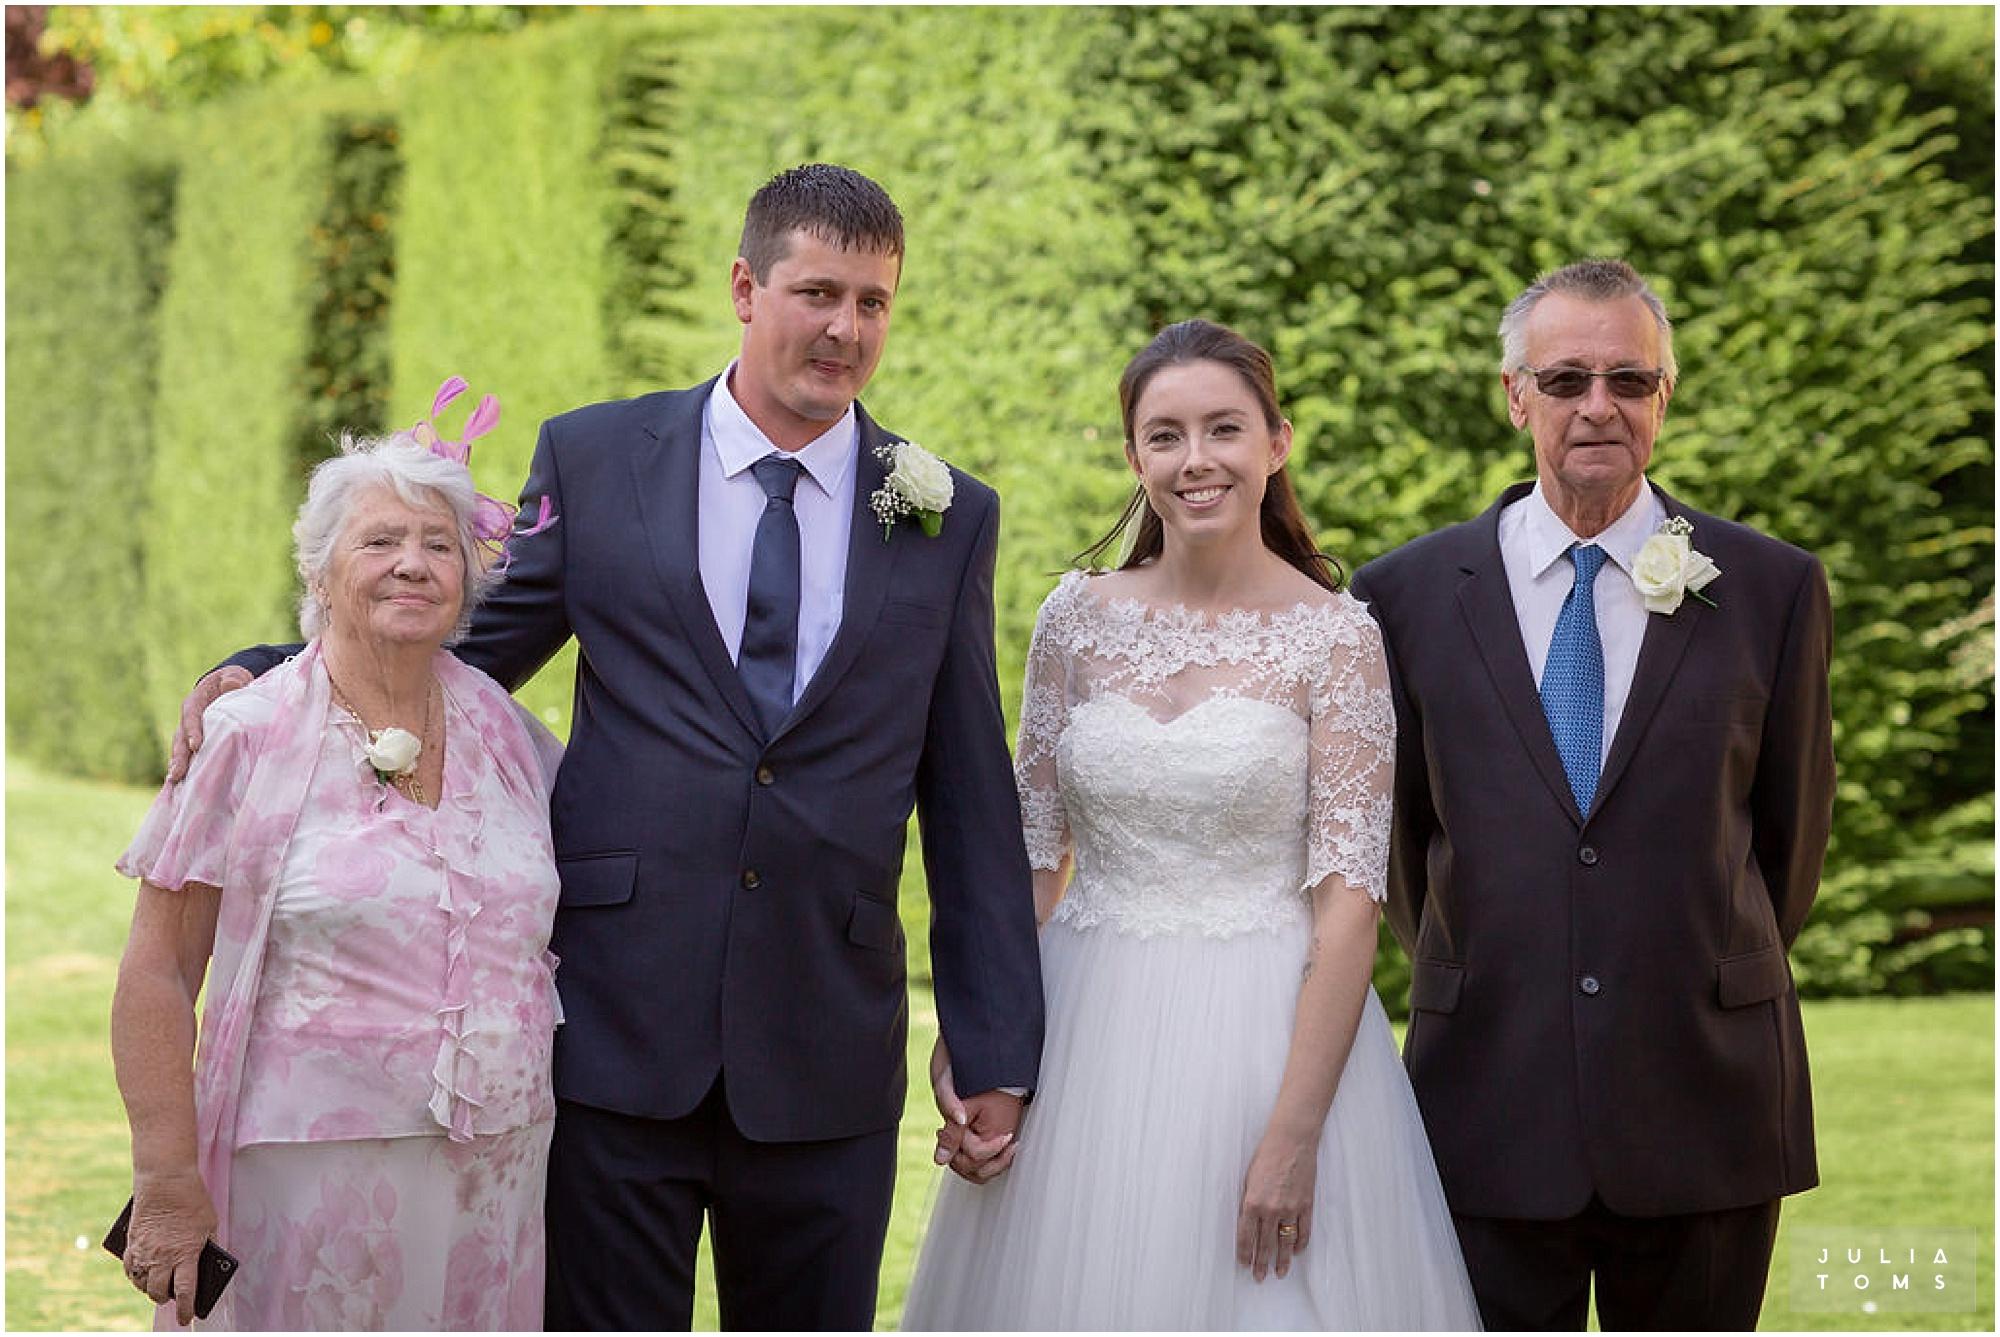 amberley_castle_wedding_photographer_063.jpg